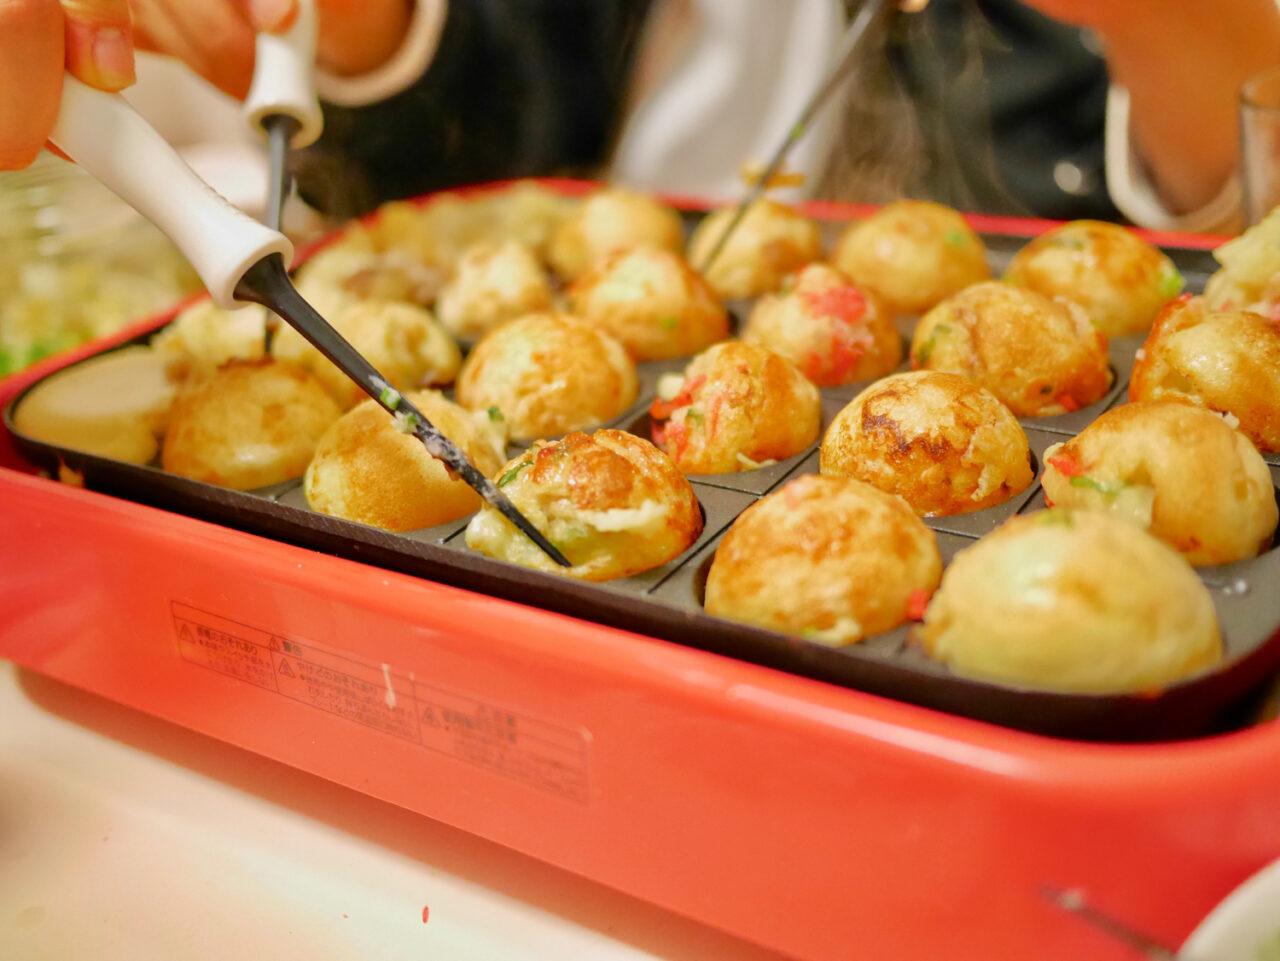 たこ焼きパーティの新しい楽しみ方を発見。材料をそのままでもっと楽しむレシピ